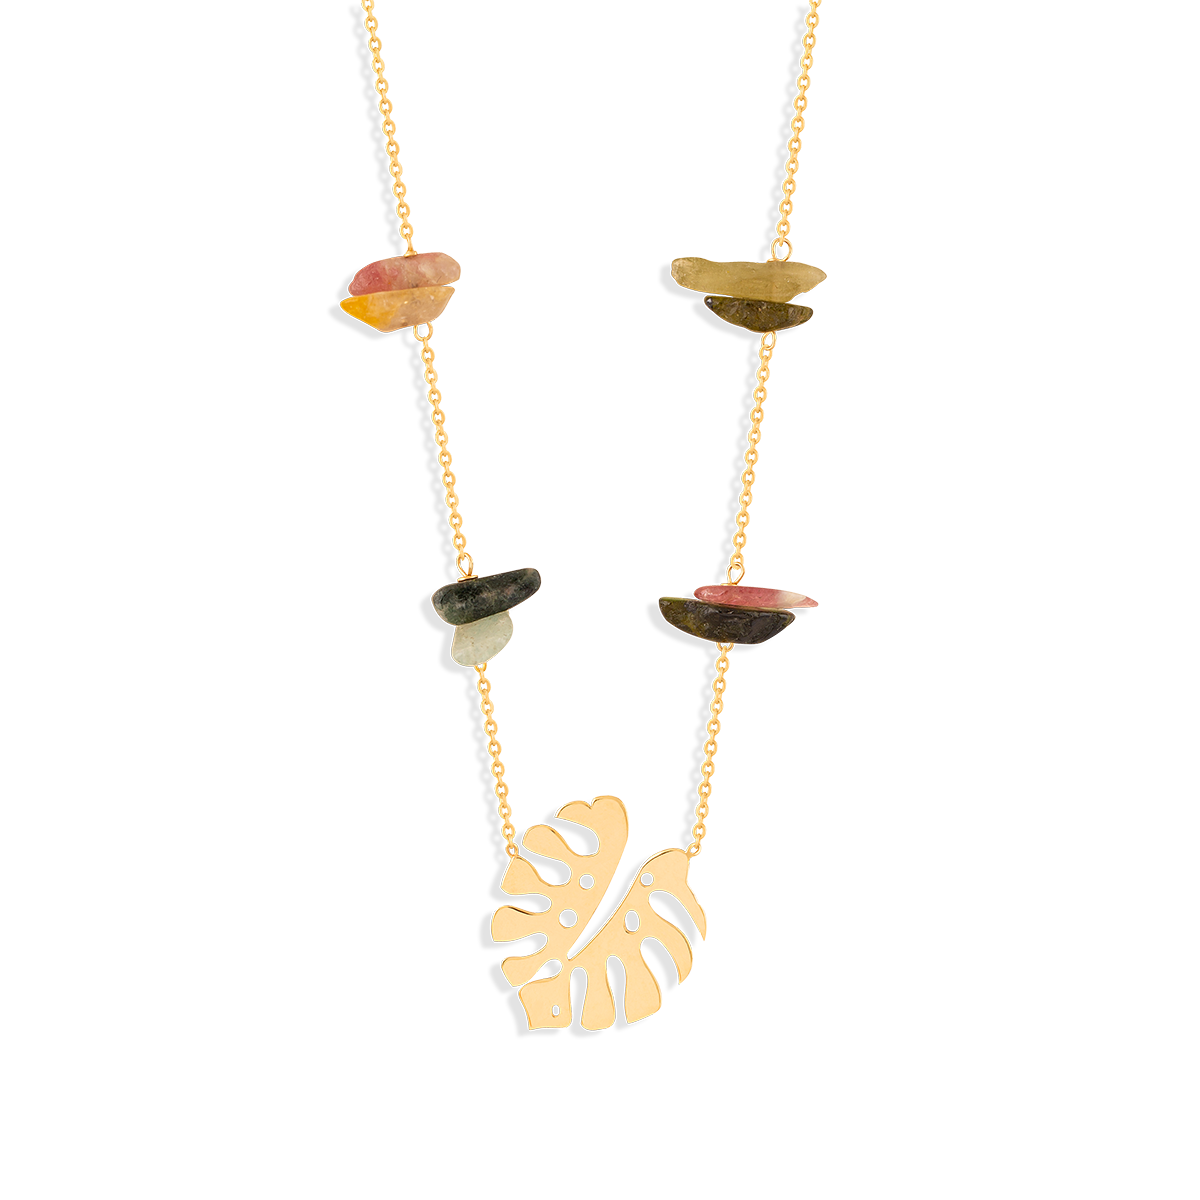 گردنبند طلا برگ